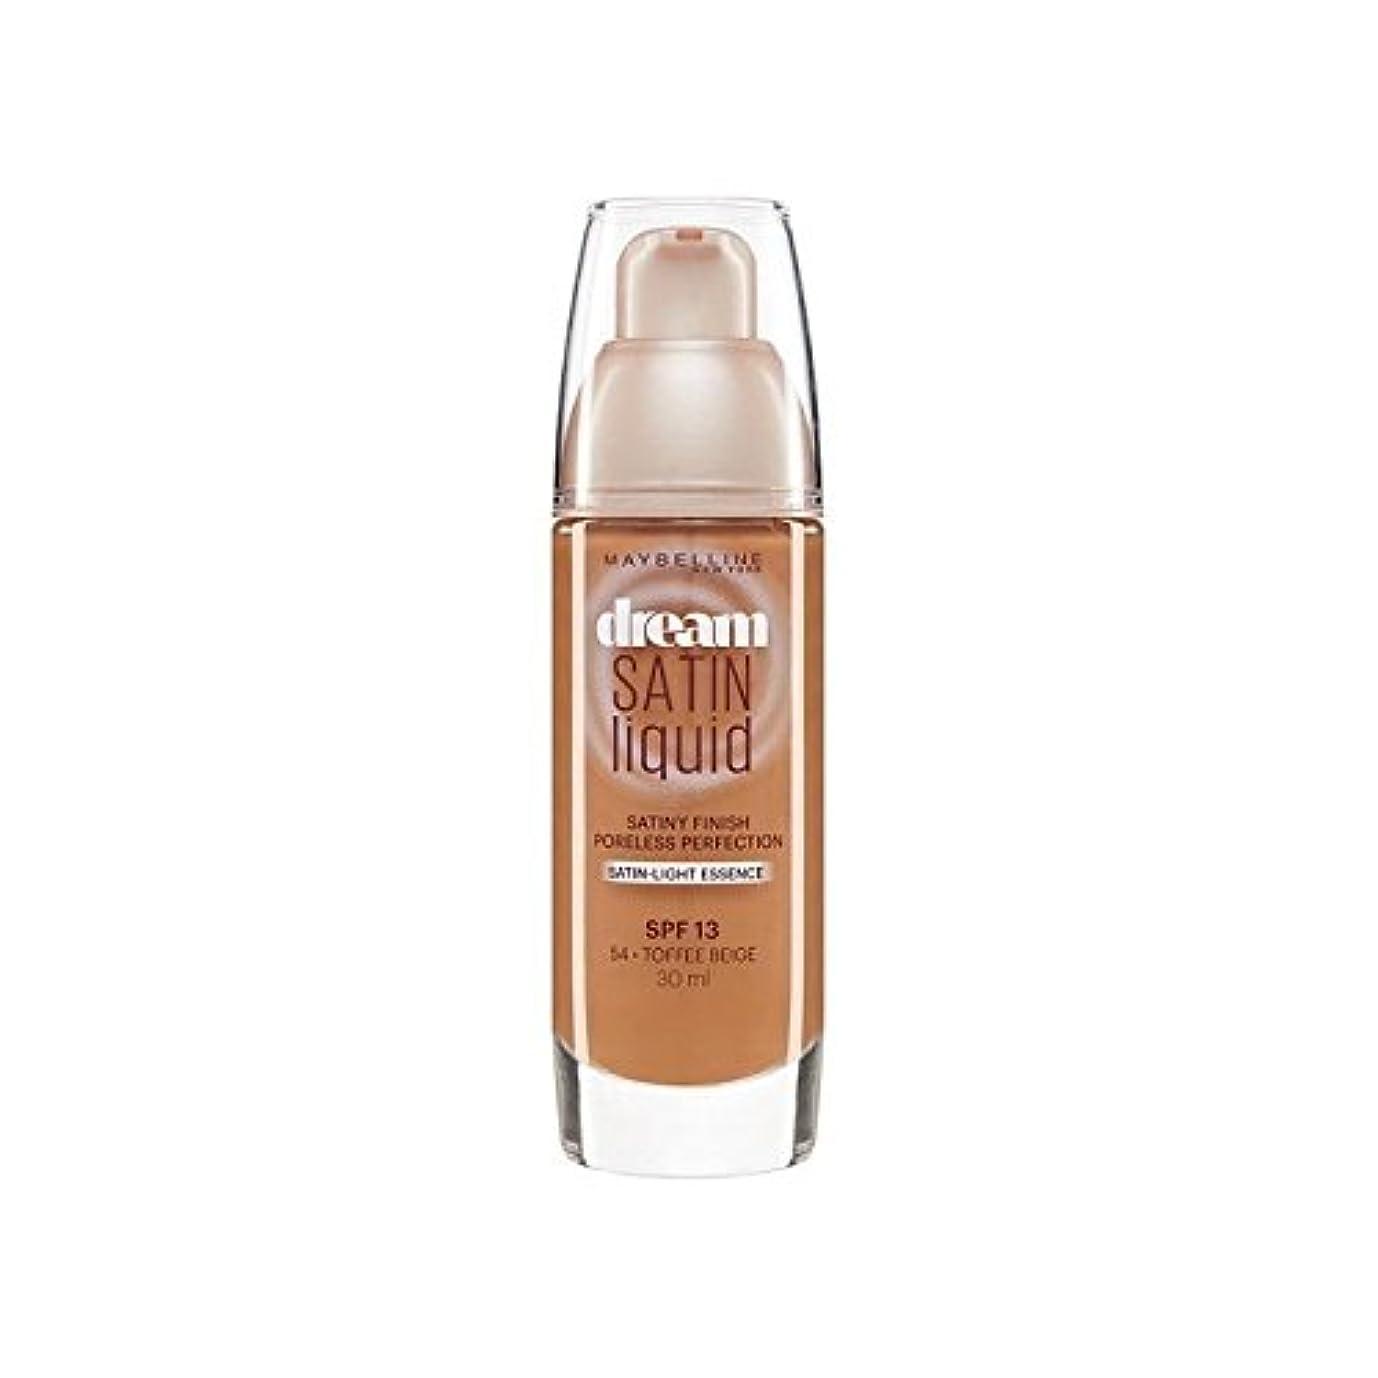 質素なクライストチャーチオアシスメイベリン夢サテンリキッドファンデーション54タフィー30ミリリットル x2 - Maybelline Dream Satin Liquid Foundation 54 Toffee 30ml (Pack of 2) [...